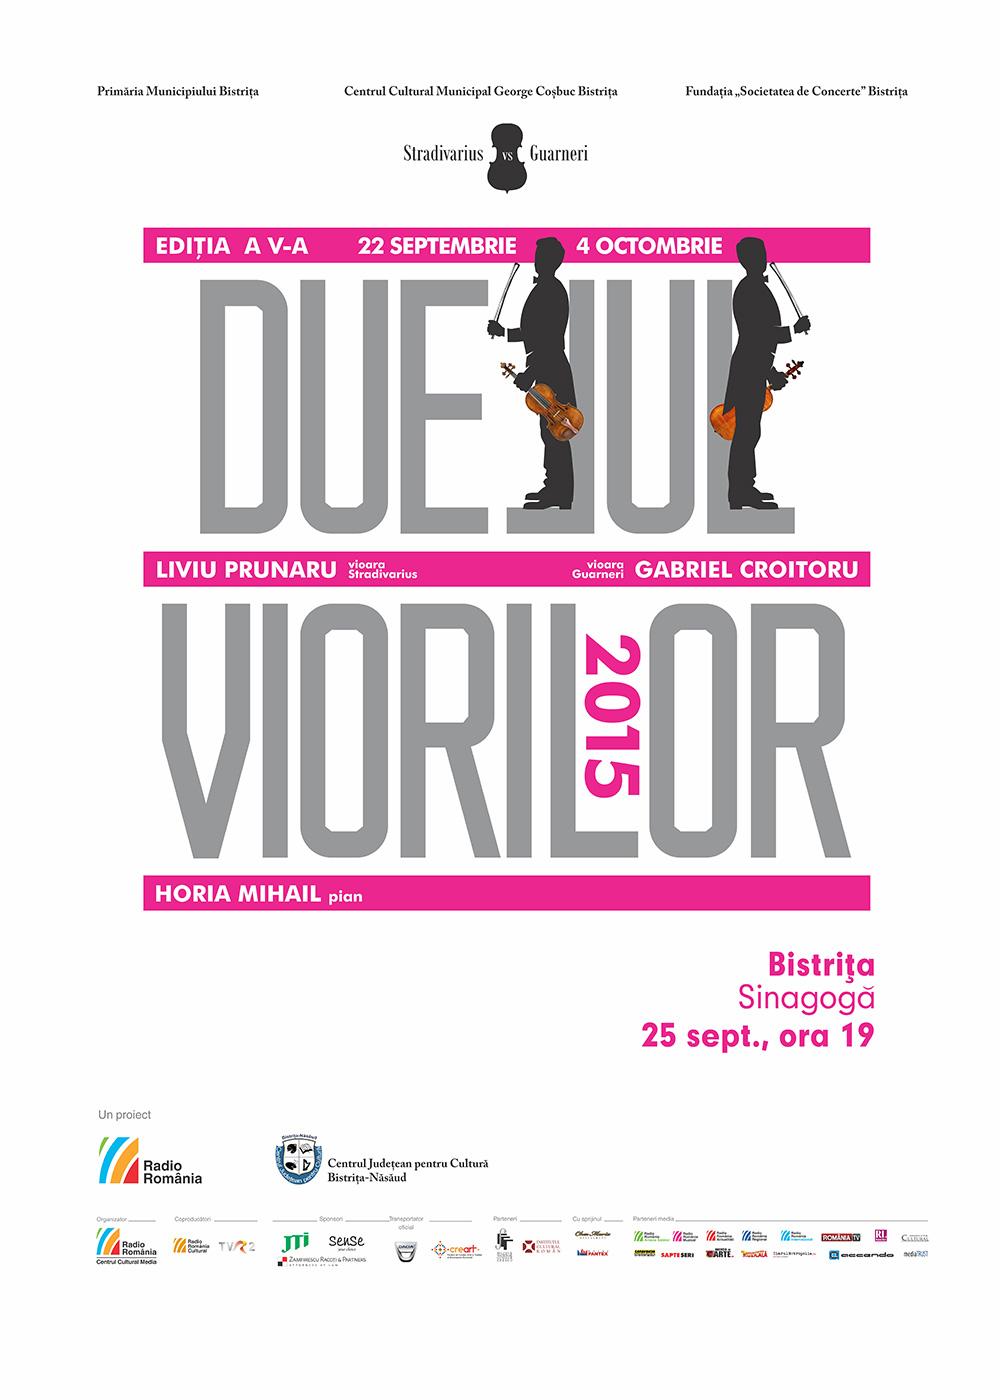 bistrita-duelul-viorilor-2015